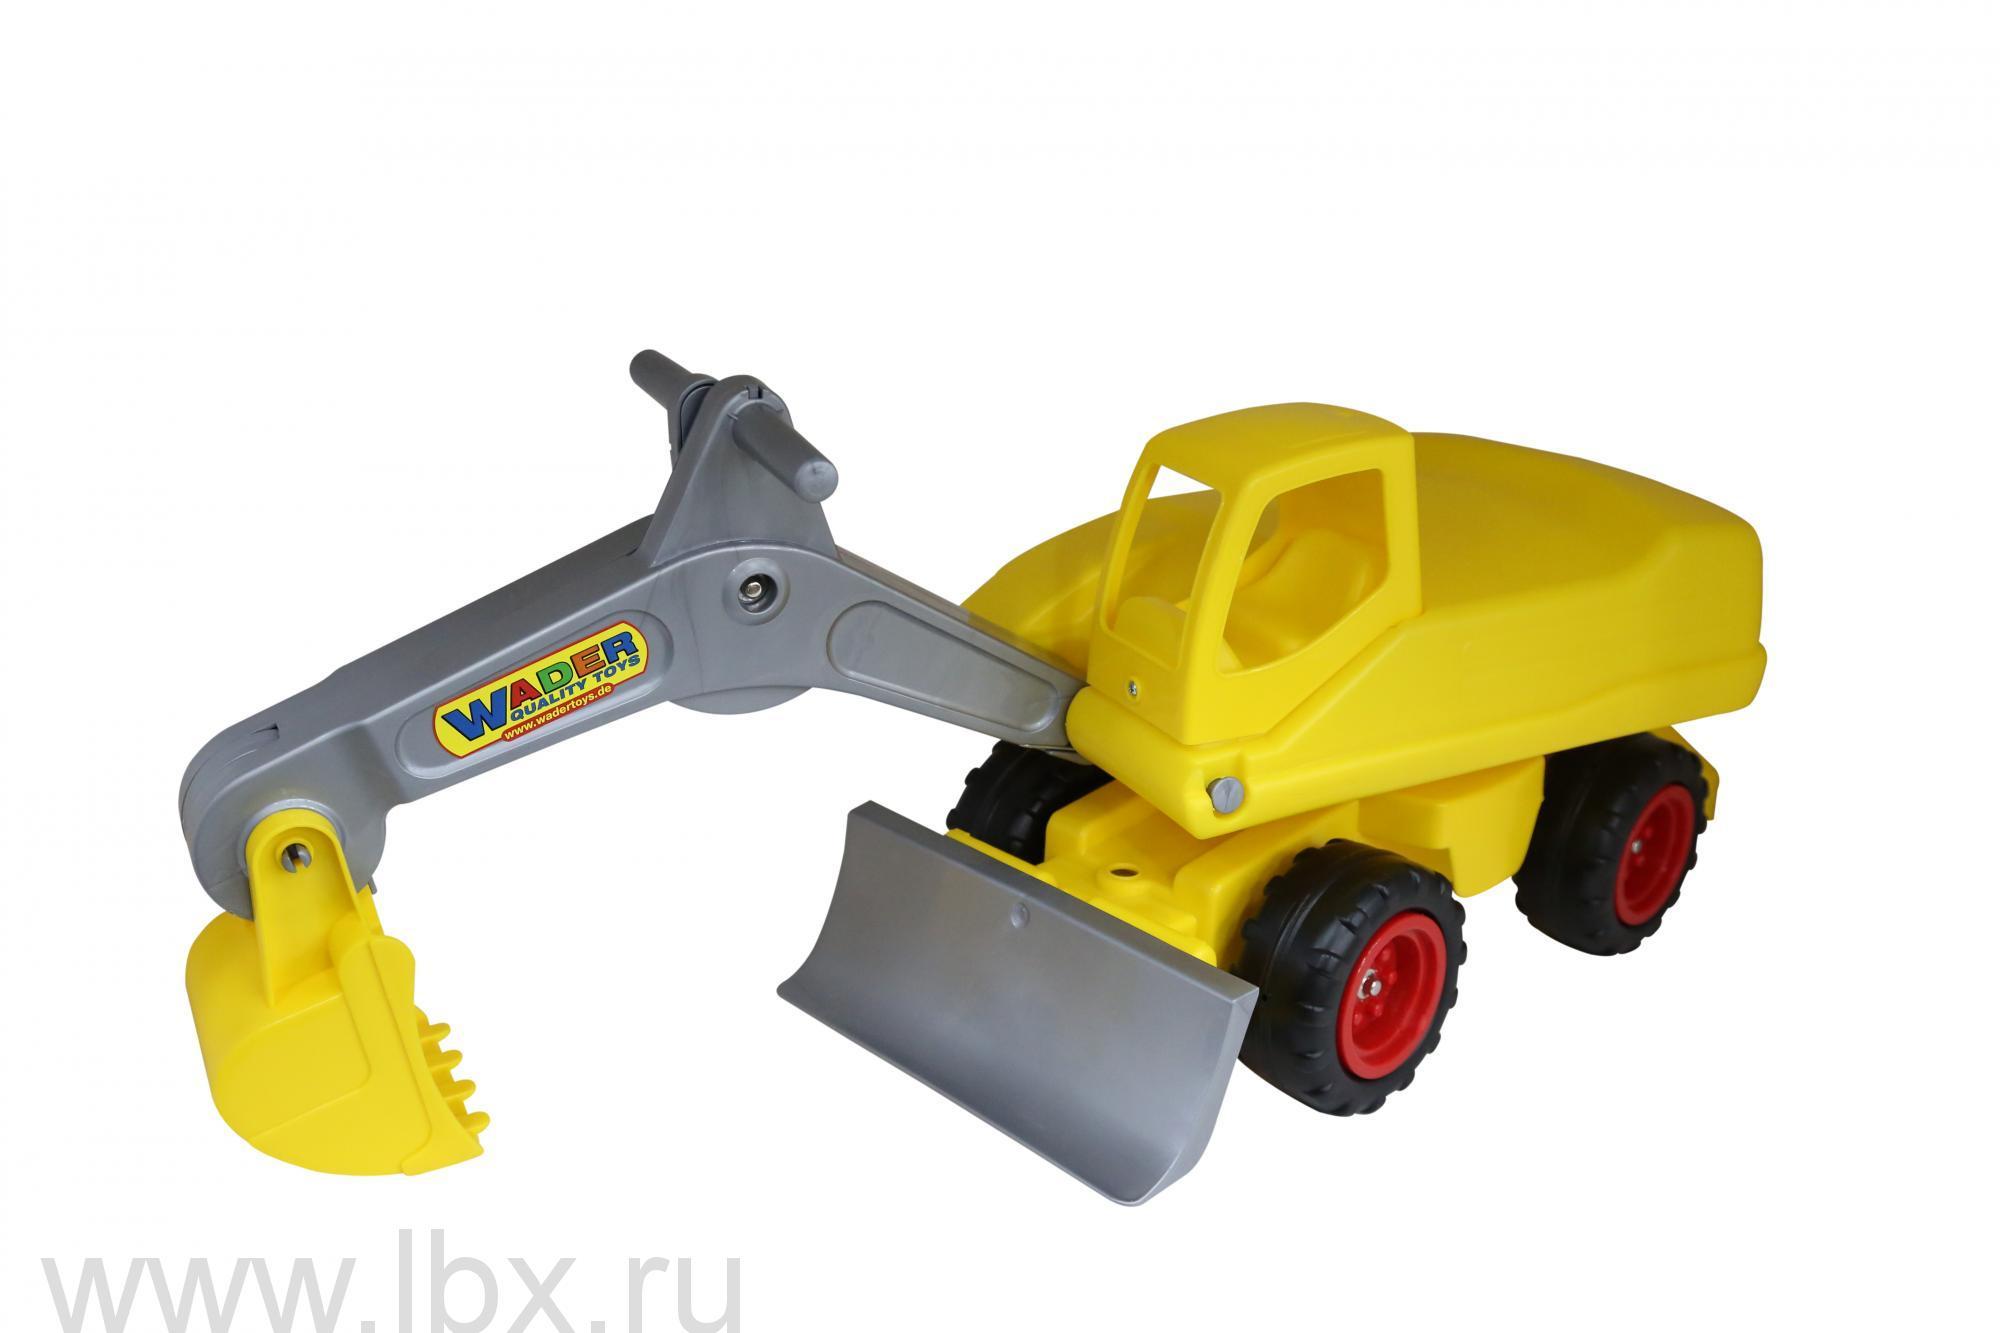 Мега-экскаватор колёсный, Wader (Вадер)